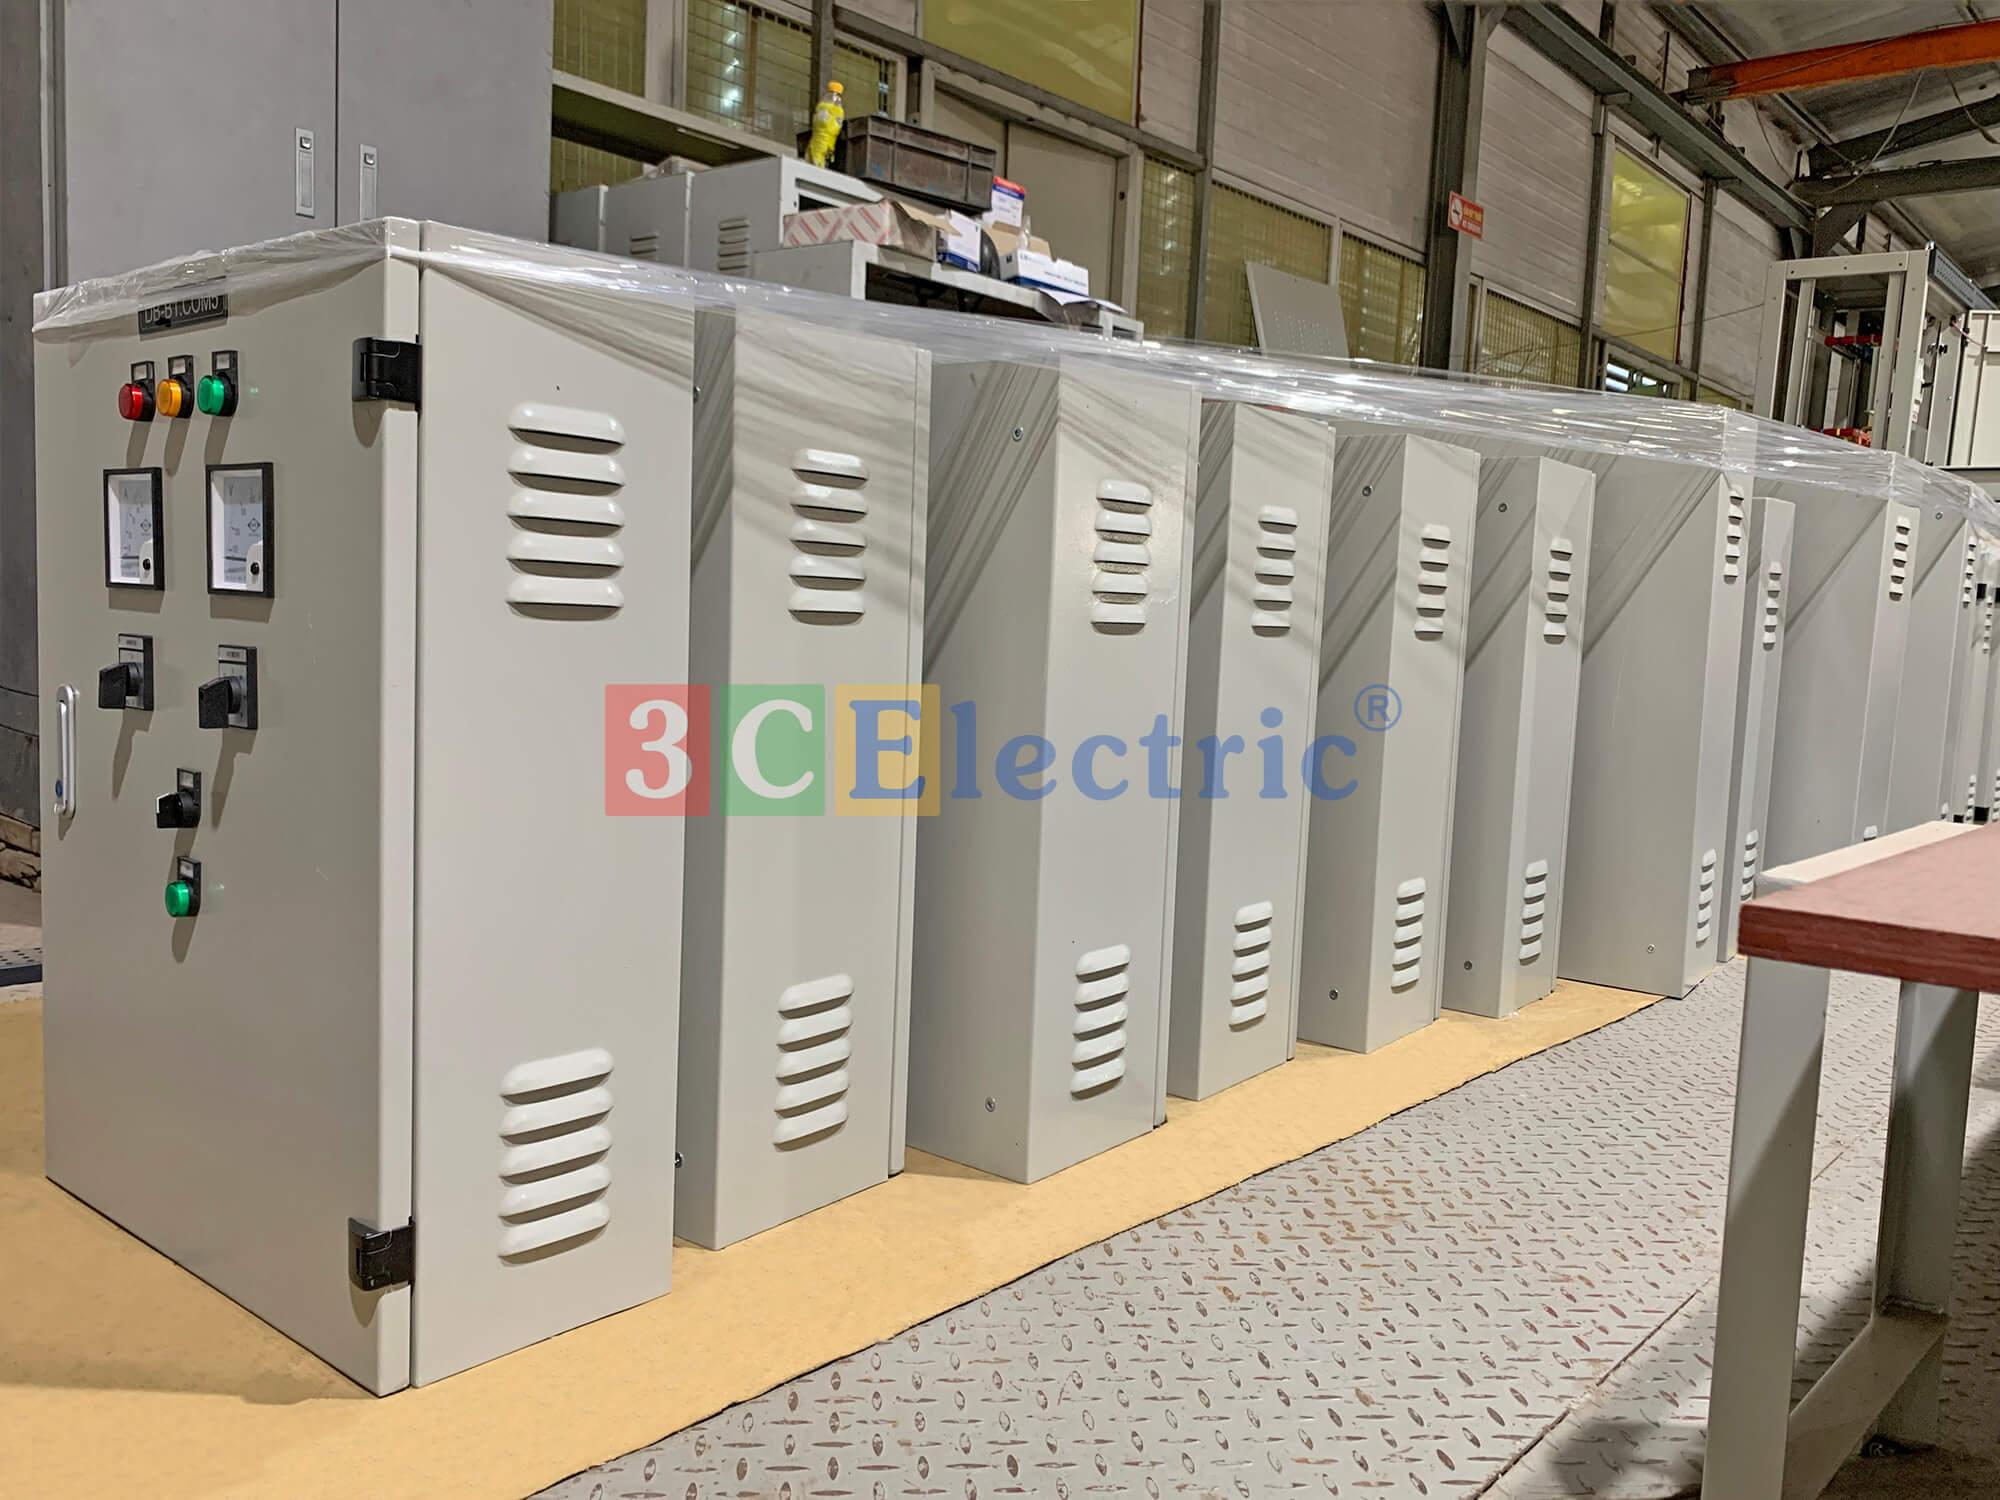 Tủ điện phân phối lắp ráp tại nhà máy 3CElectric